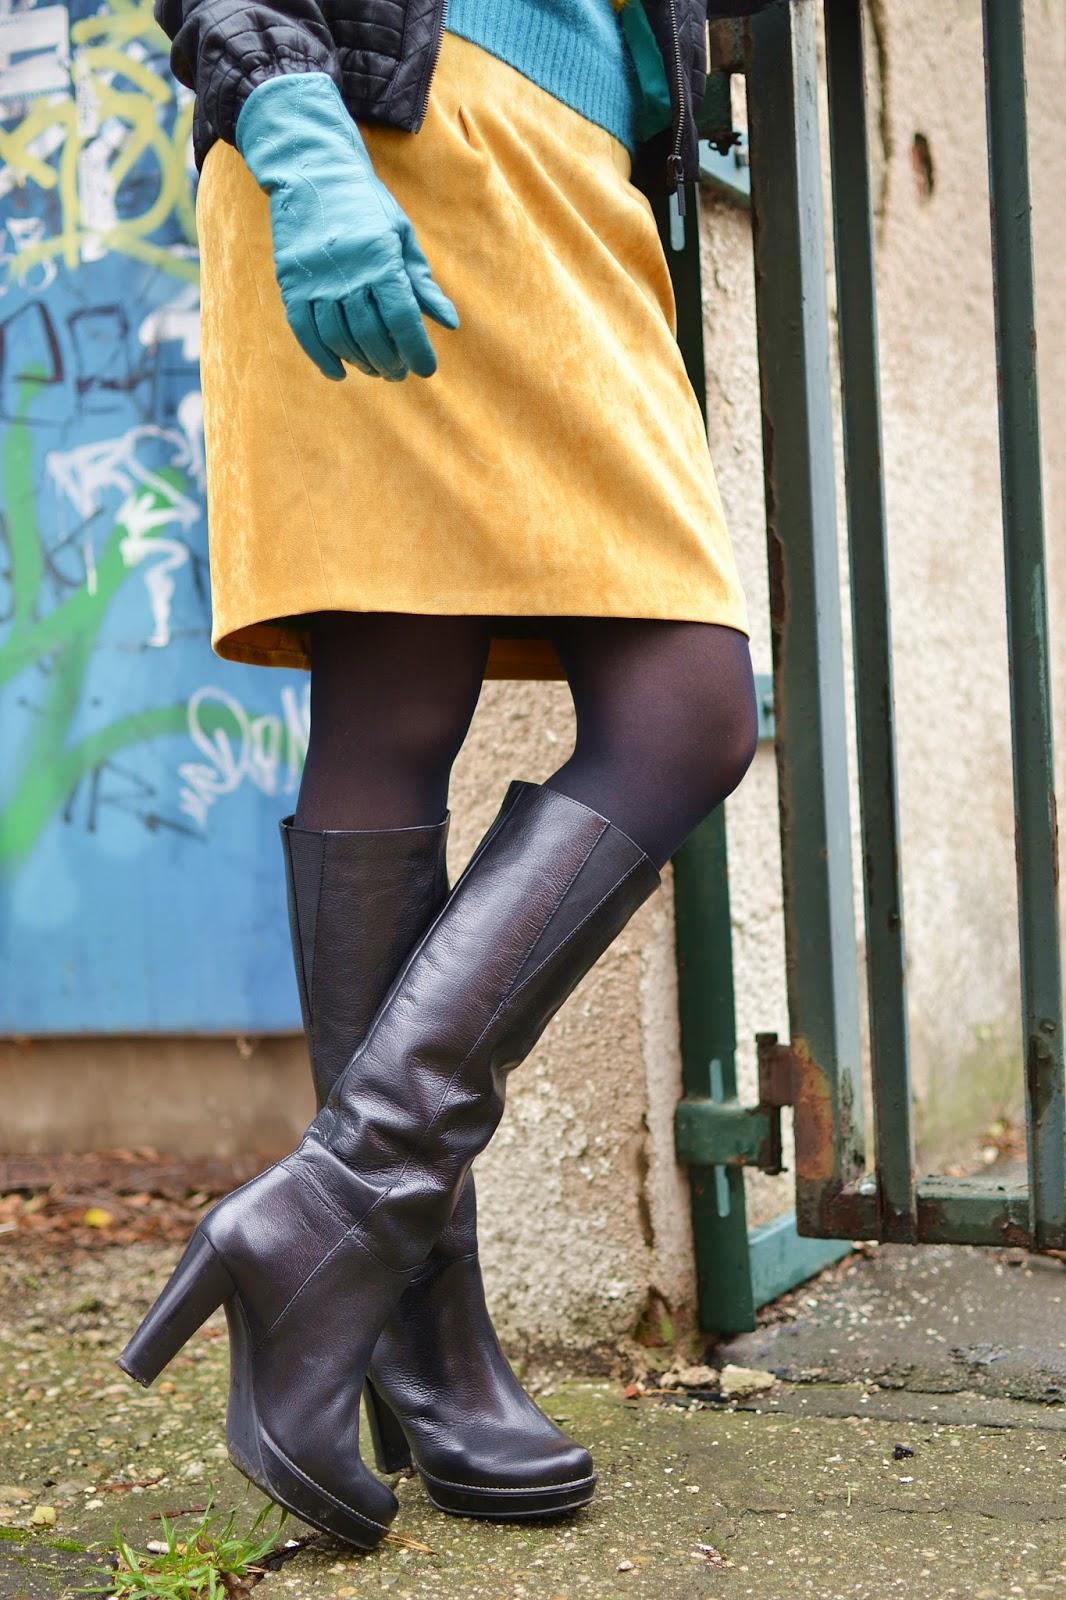 Outfit dňa - hra tyrkysovej, žltej a čiernej_Katharine-fashion is beautiful_Tyrkysové kožené rukavice_Čierne pančuchy_Tyrkysový sveter_Katarína Jakubčová_Fashion blogger